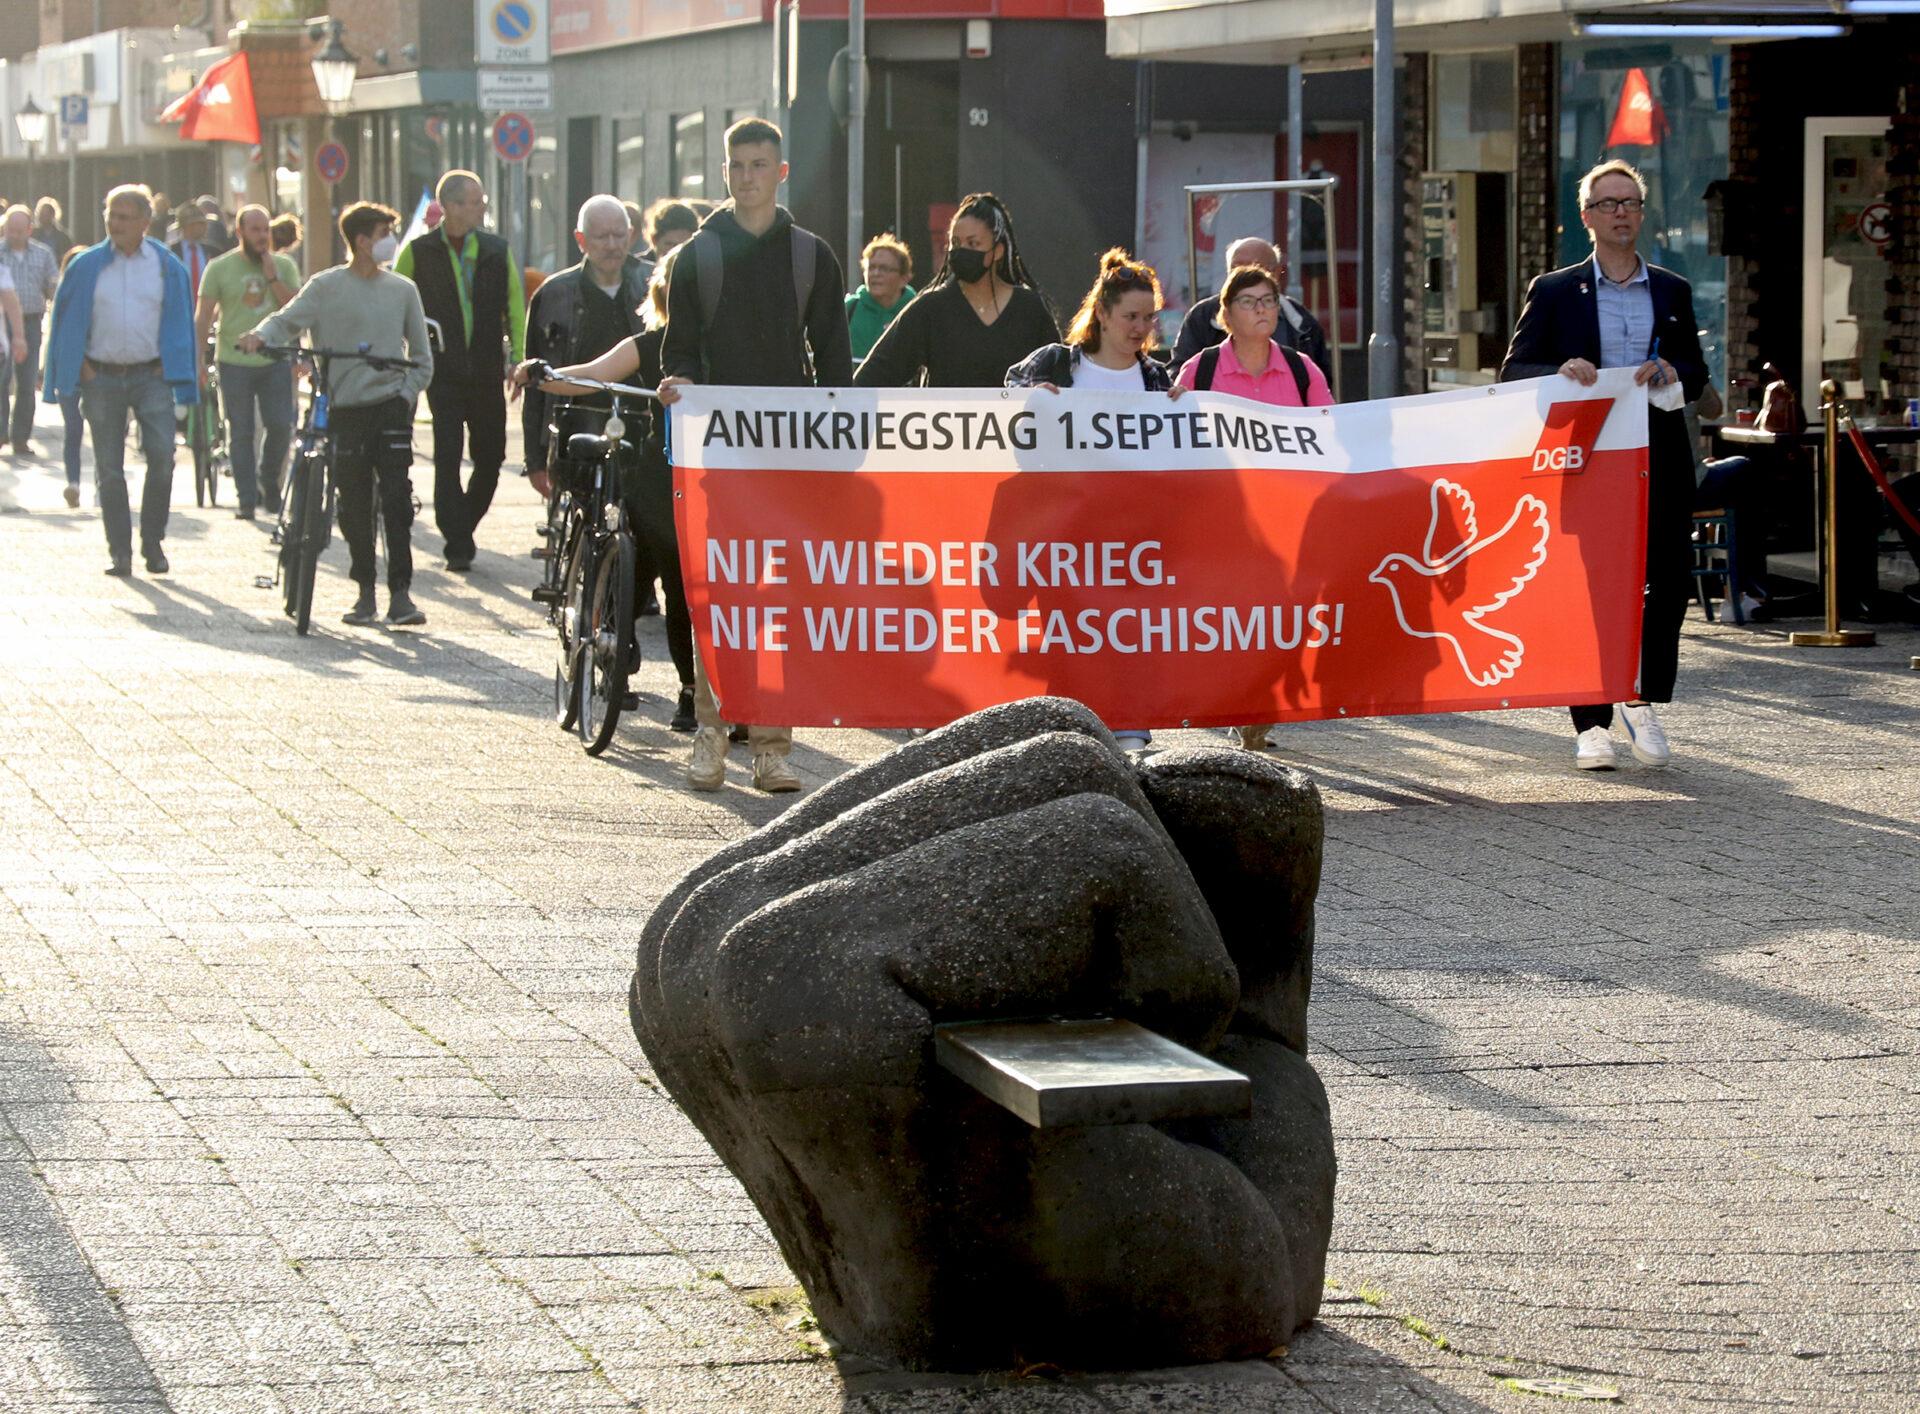 Gedenkmarsch zum Antikriegstag 2021 in Wilhelmshaven